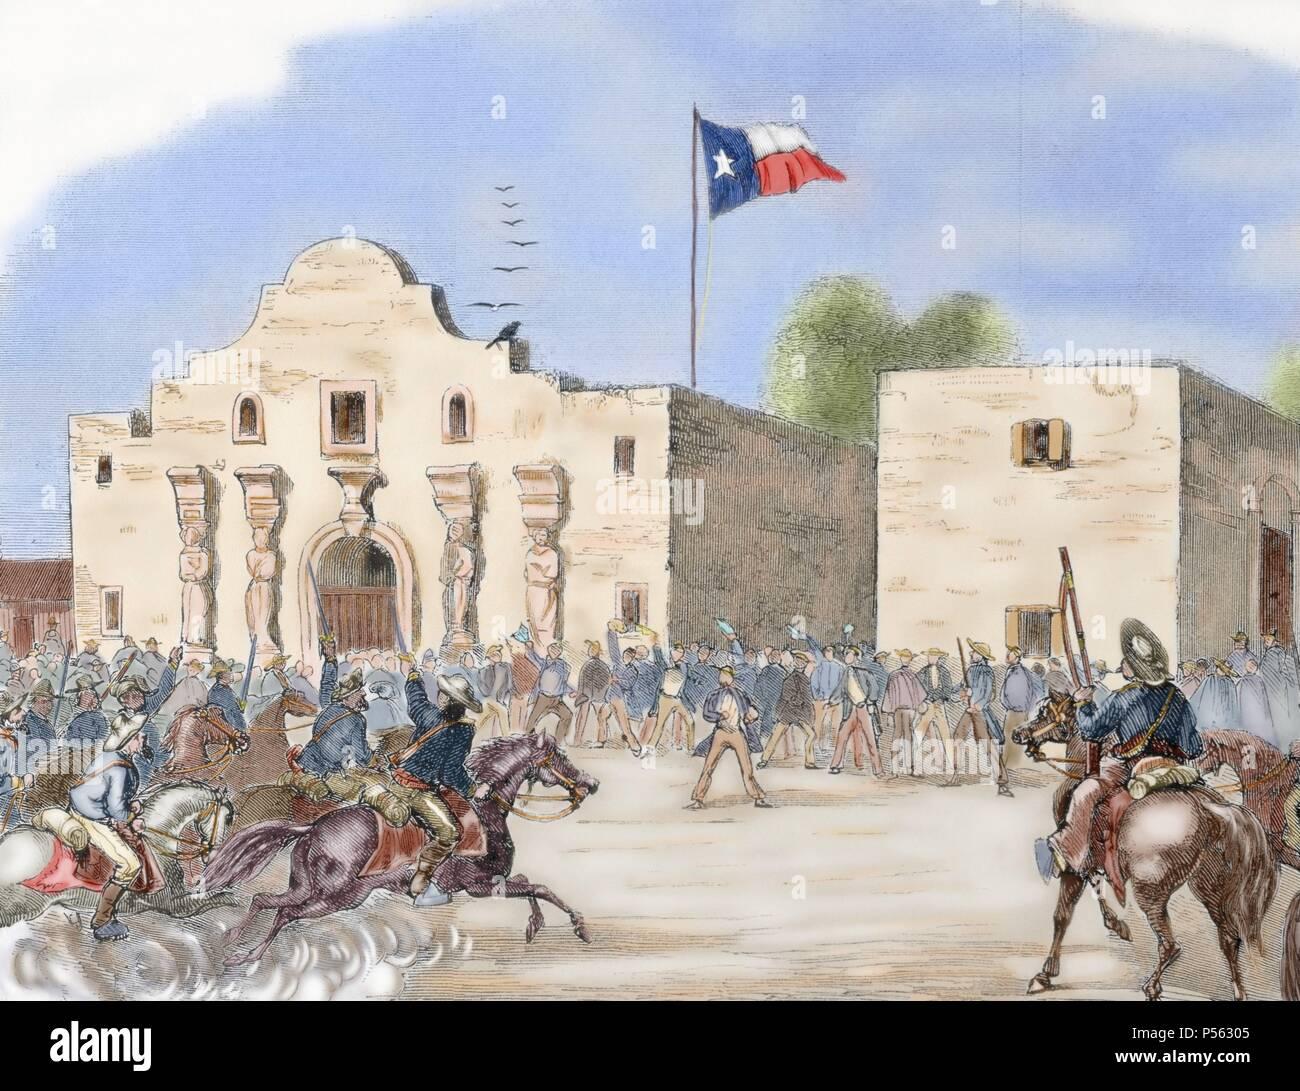 Annexation Of Texas Imágenes De Stock & Annexation Of Texas Fotos De ...